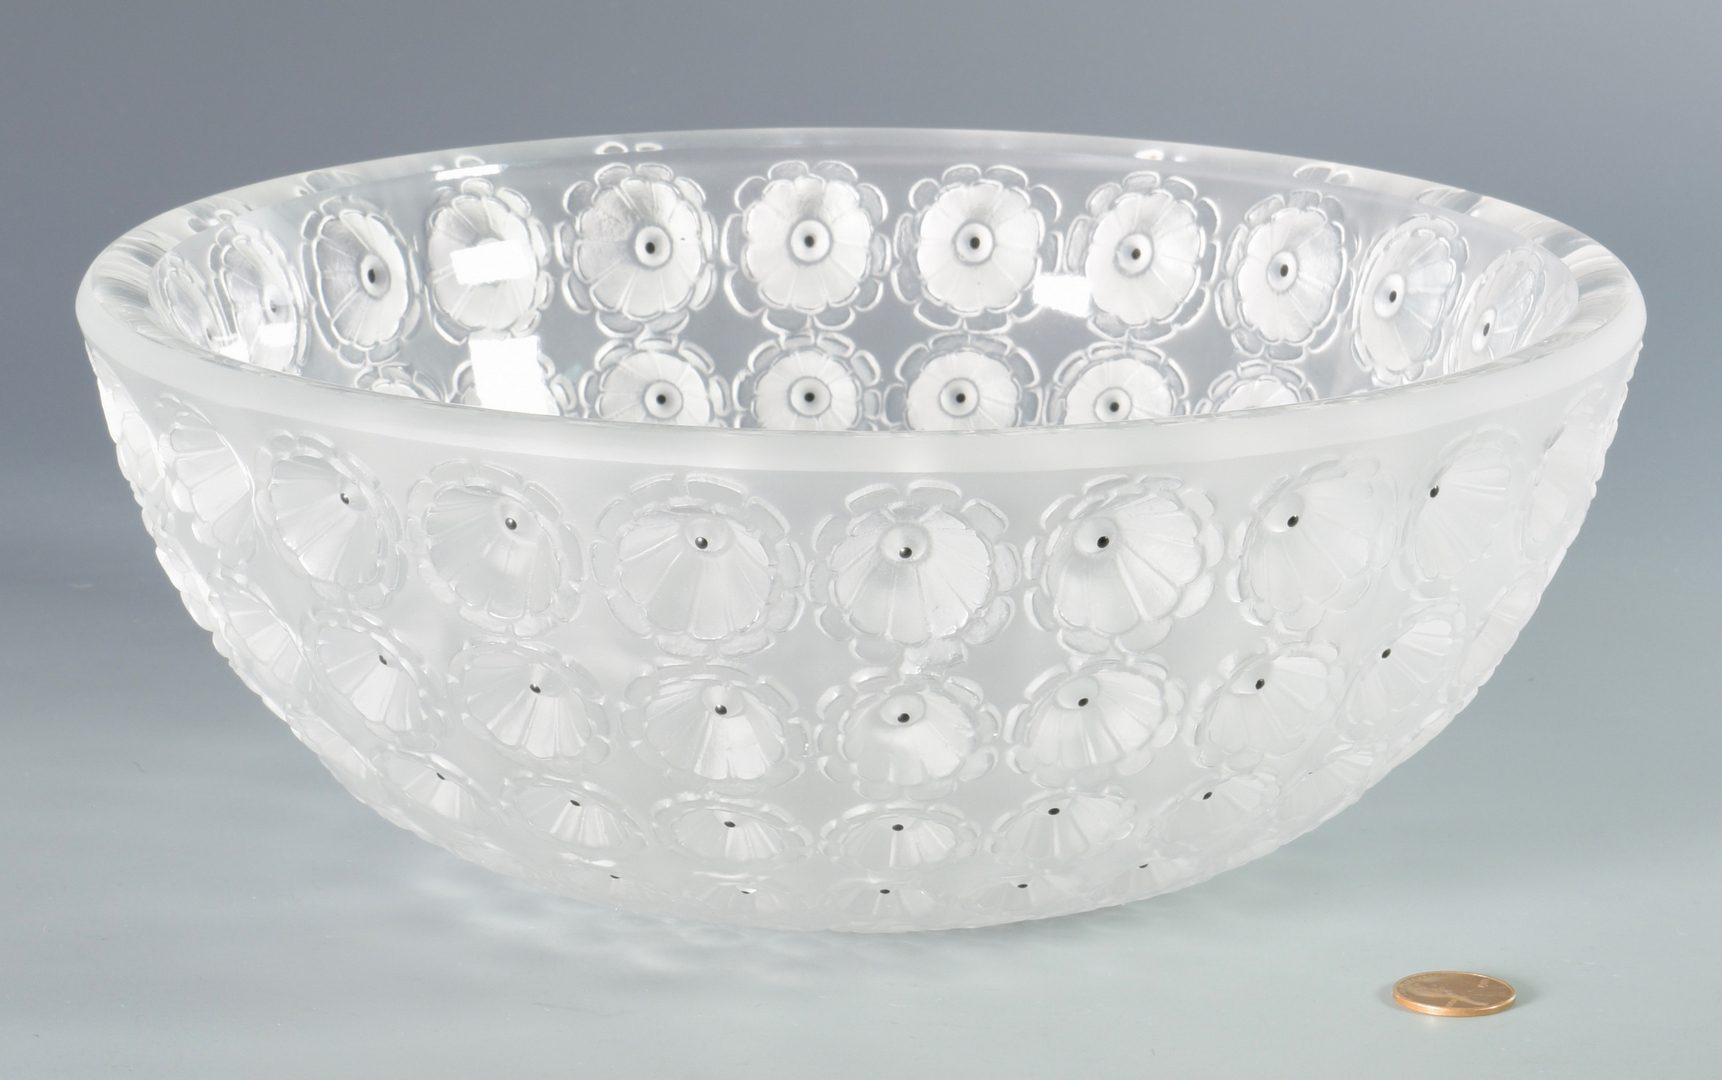 Lot 900: Rene Lalique Nemours Coupe Glass Bowl